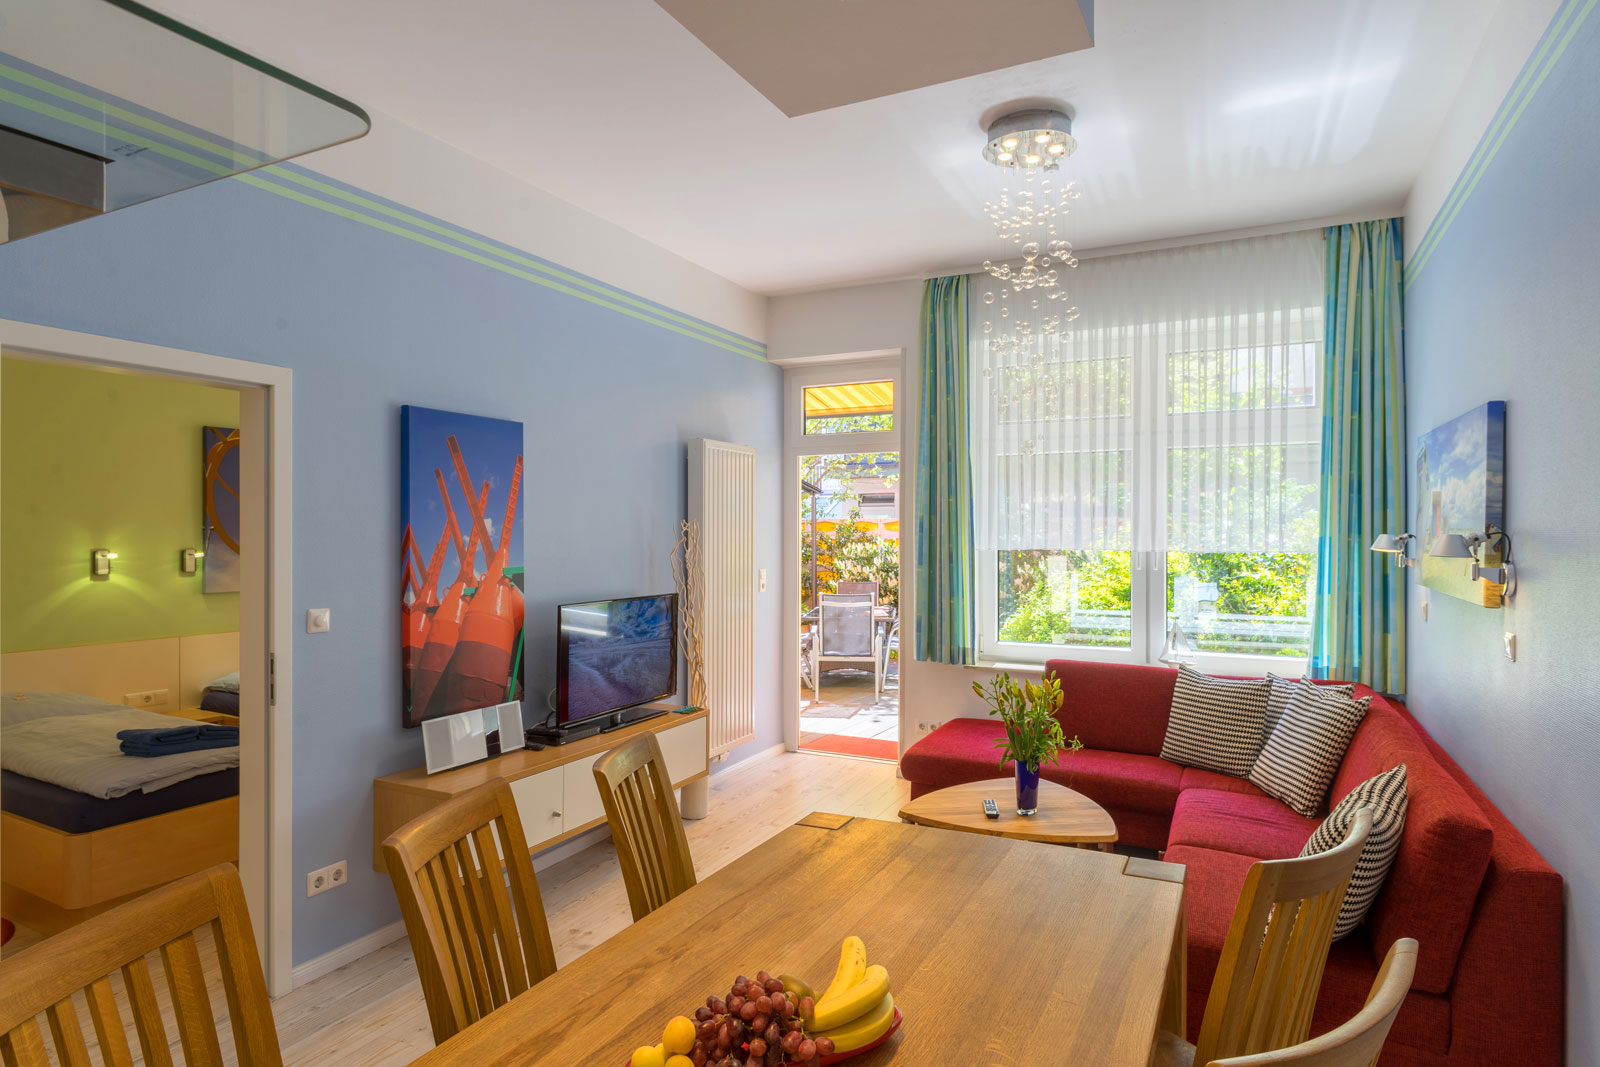 Apartment Achterdeck, Wohnzimmer mit Blick auf Schlafzimmer und Terrasse